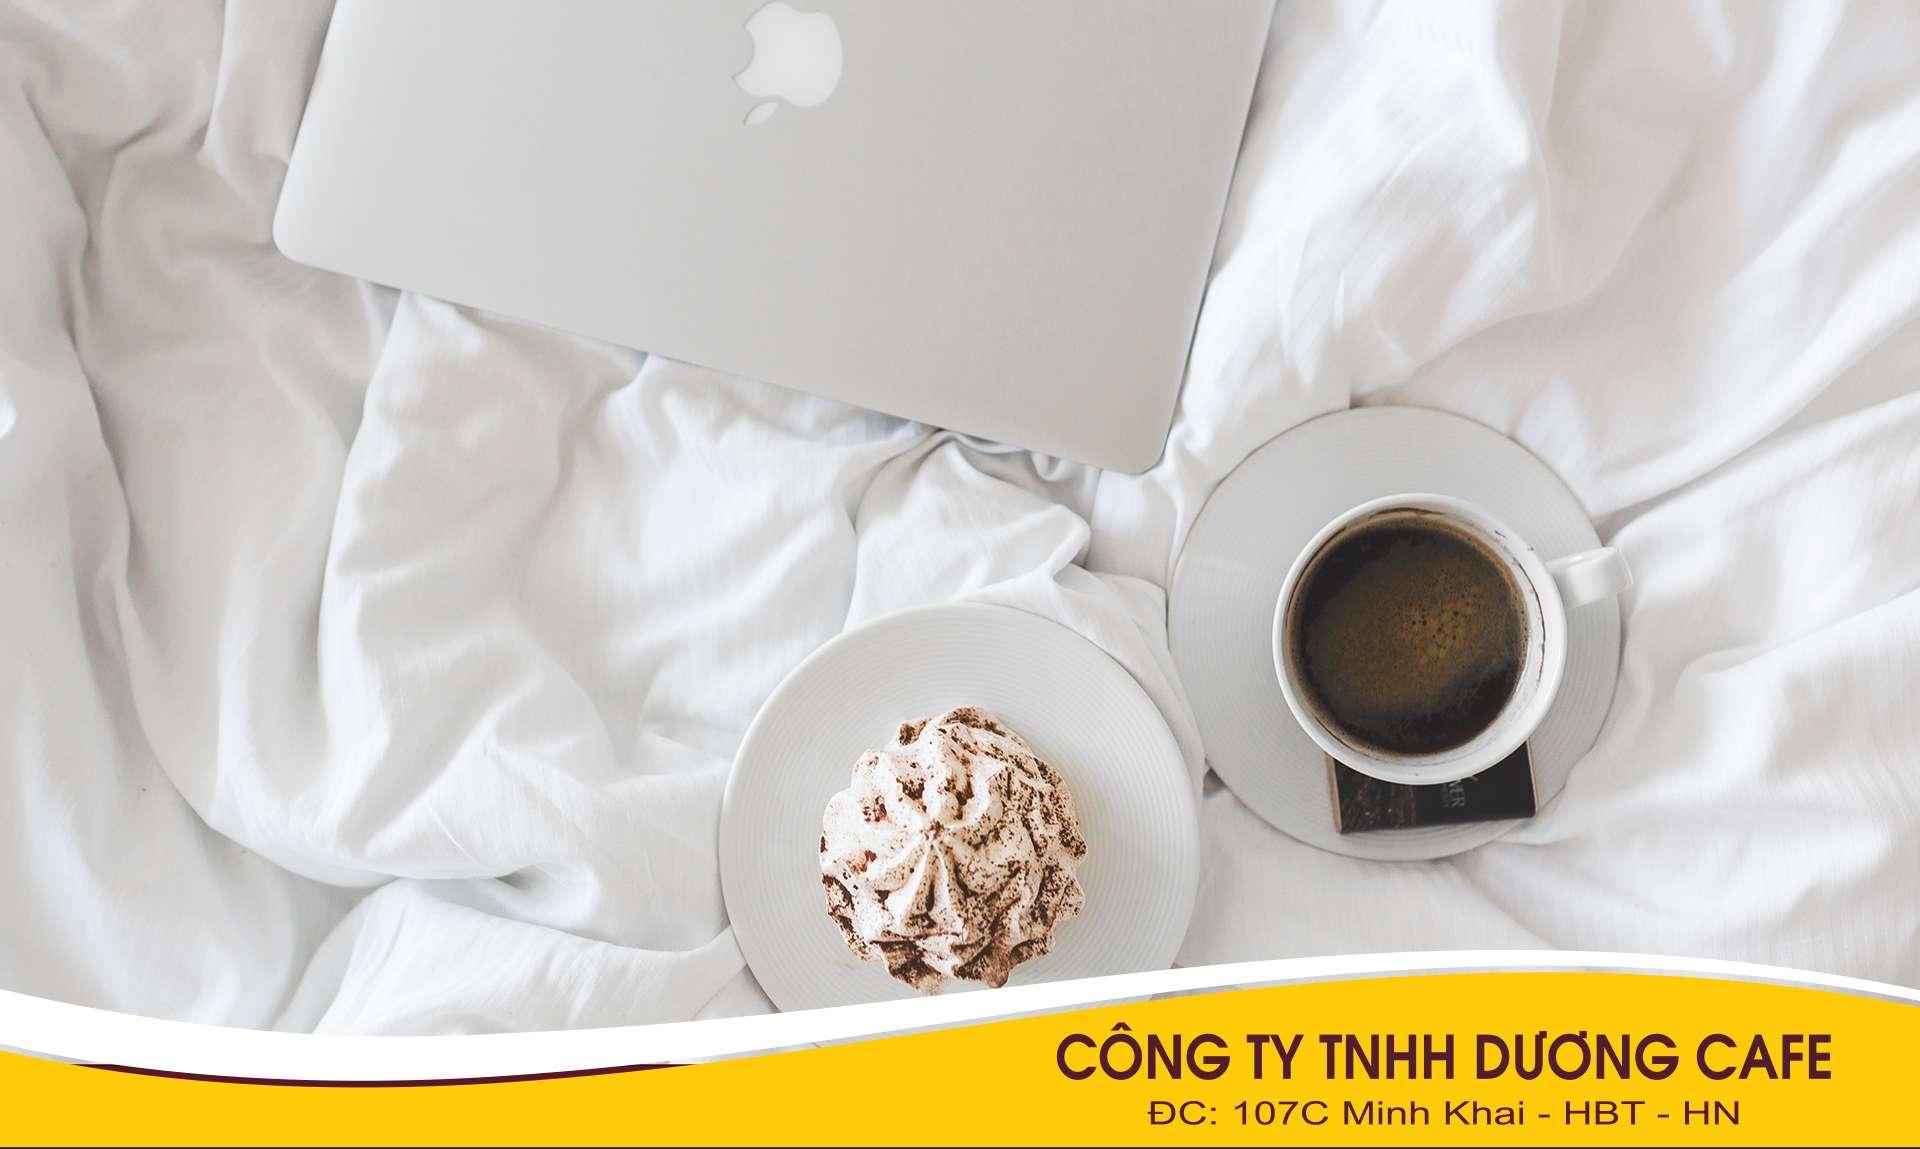 Uống 2 đến 3 tách cà phê mỗi ngày